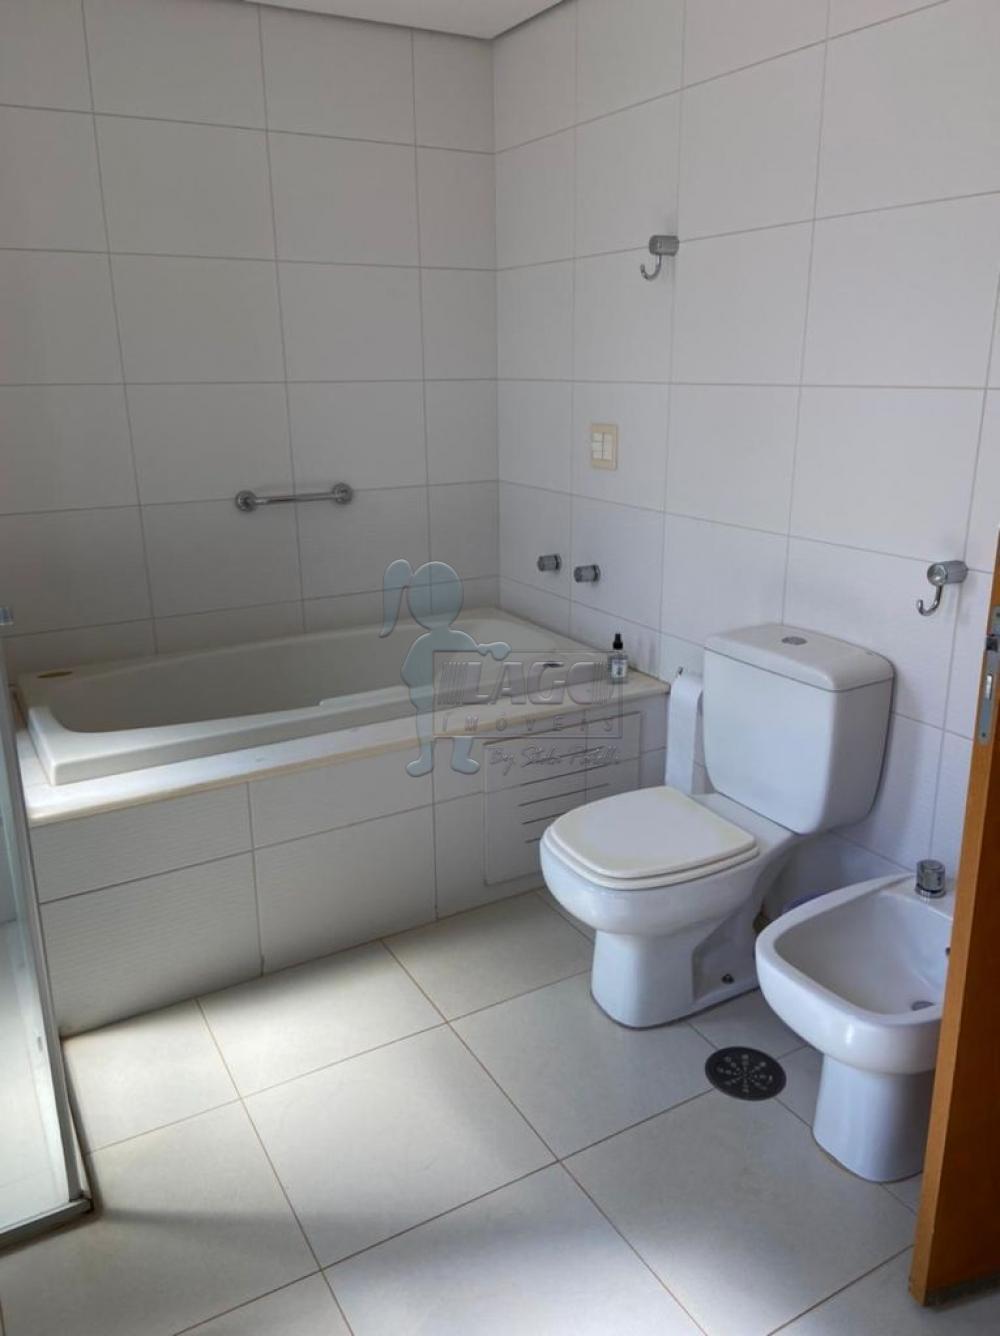 Comprar Apartamento / Padrão em Ribeirão Preto R$ 1.300.000,00 - Foto 15